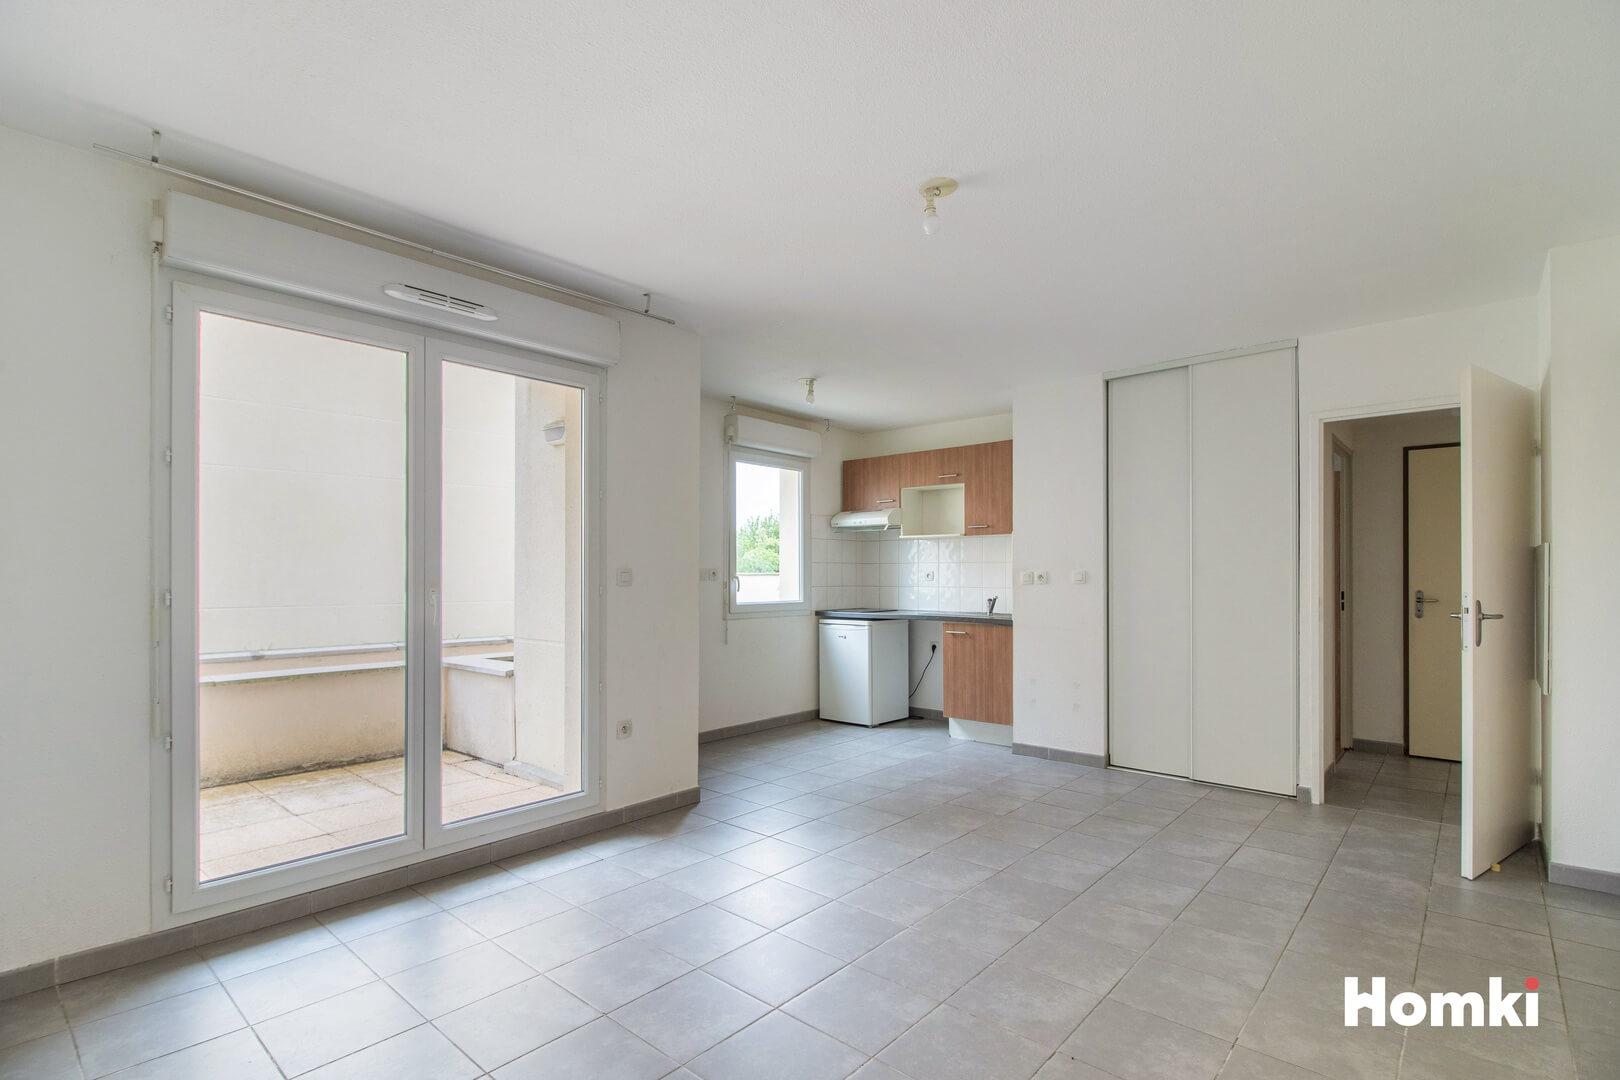 Homki - Vente Appartement  de 44.0 m² à Launaguet 31140